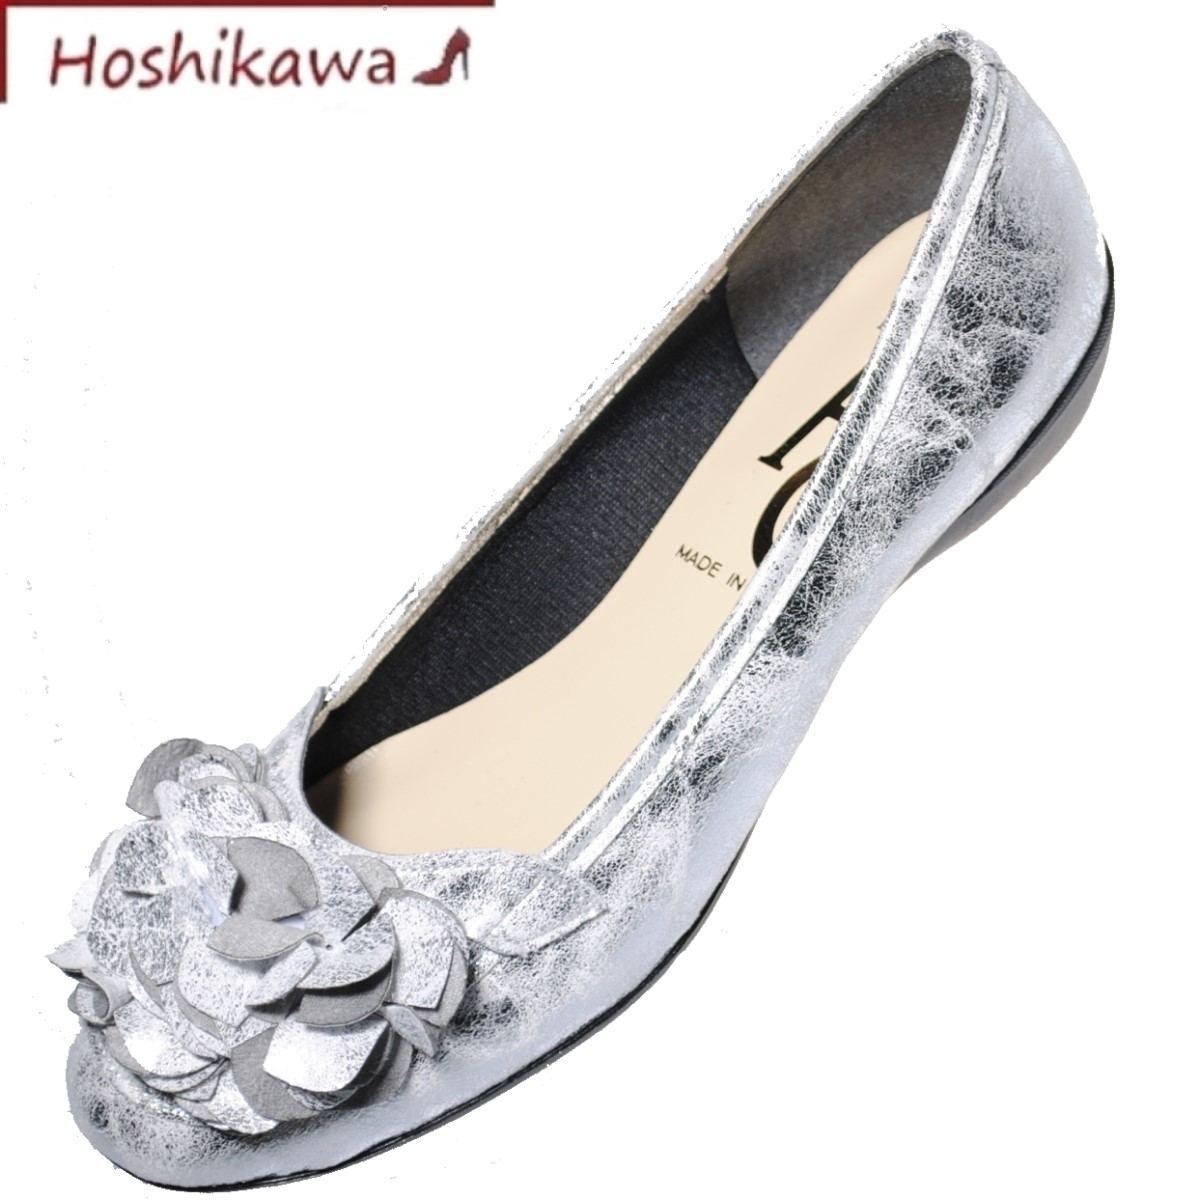 エーシー 日本製 フラット パンプス 幅広 期間限定送料無料 靴のHOSHIKAWA AC 贈り物 合皮 シルバーカッター EEEレディース カジュアルパンプス22.5cm~24.5cm ローヒール低反発 1713